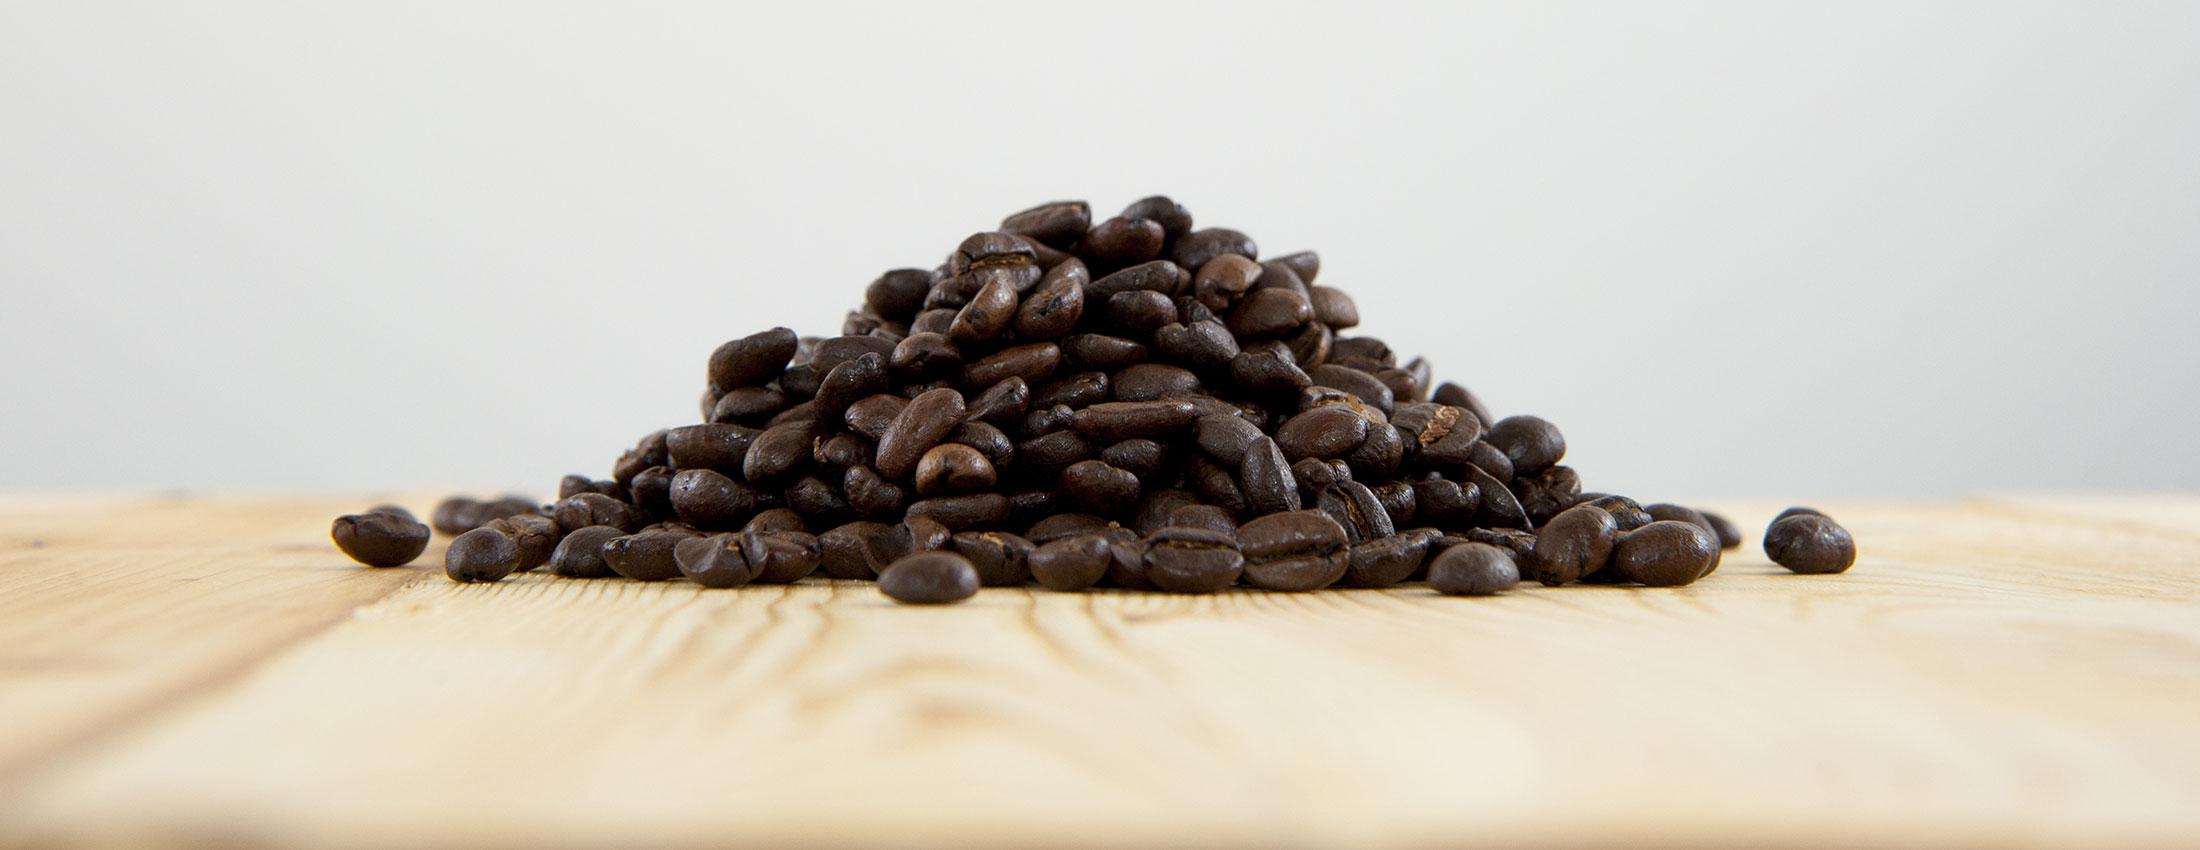 cafe sierra colombiana biologique equitable vif corse grains entiers